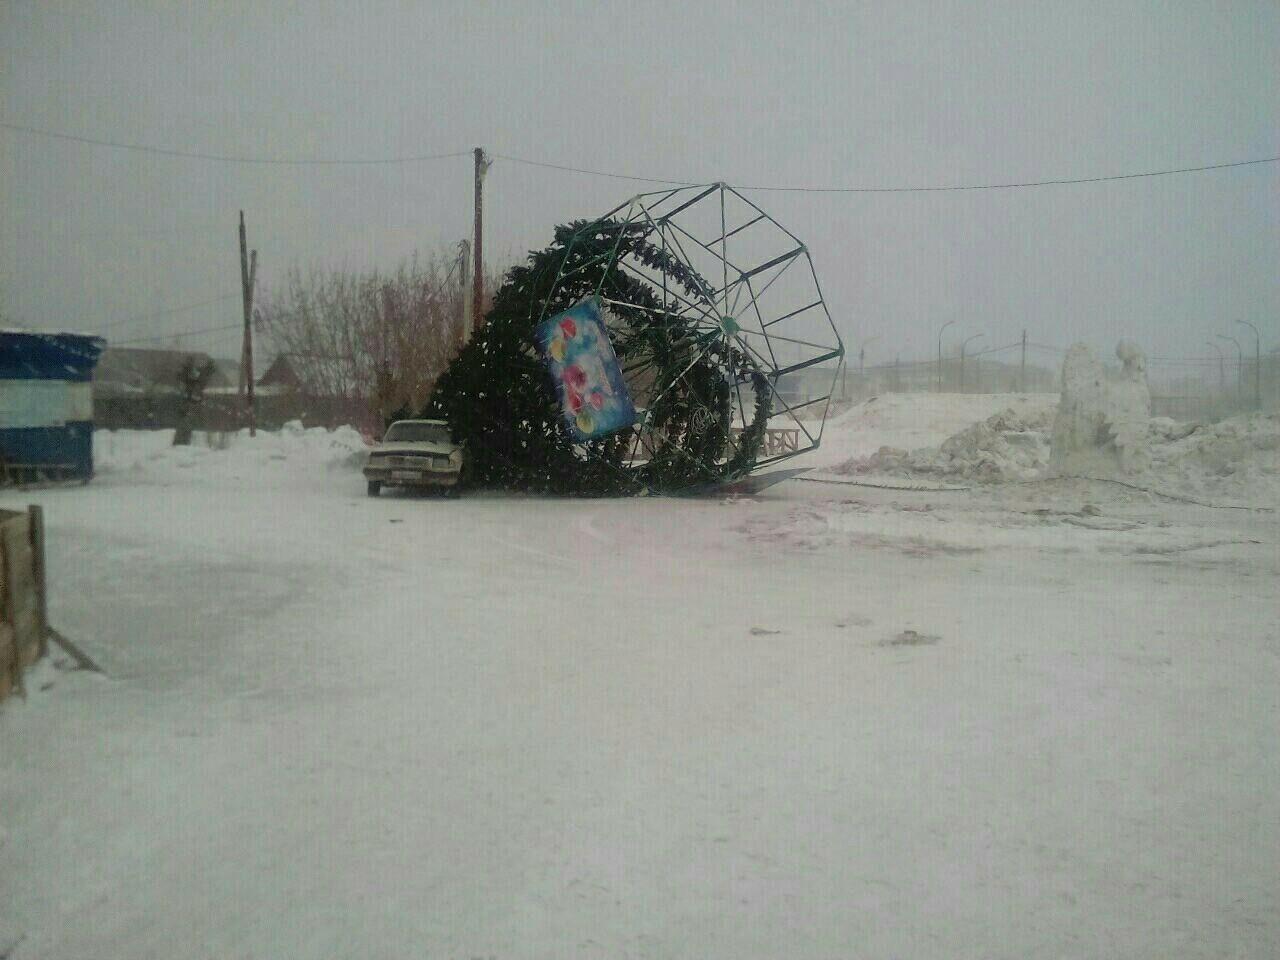 Сильный ветер снес городскую елку вМариинске